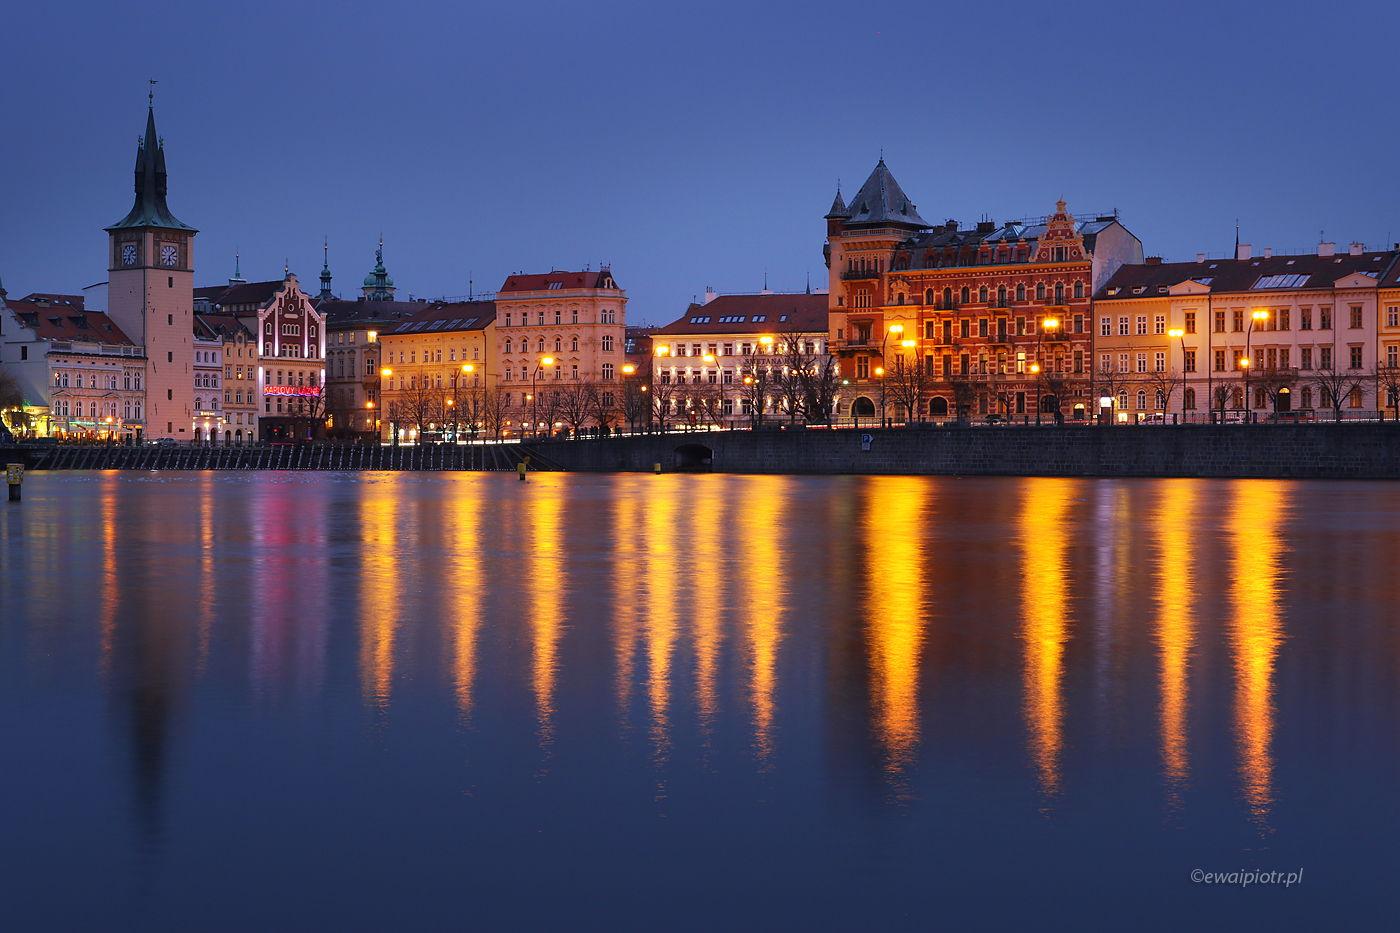 Praga wieczorową porą